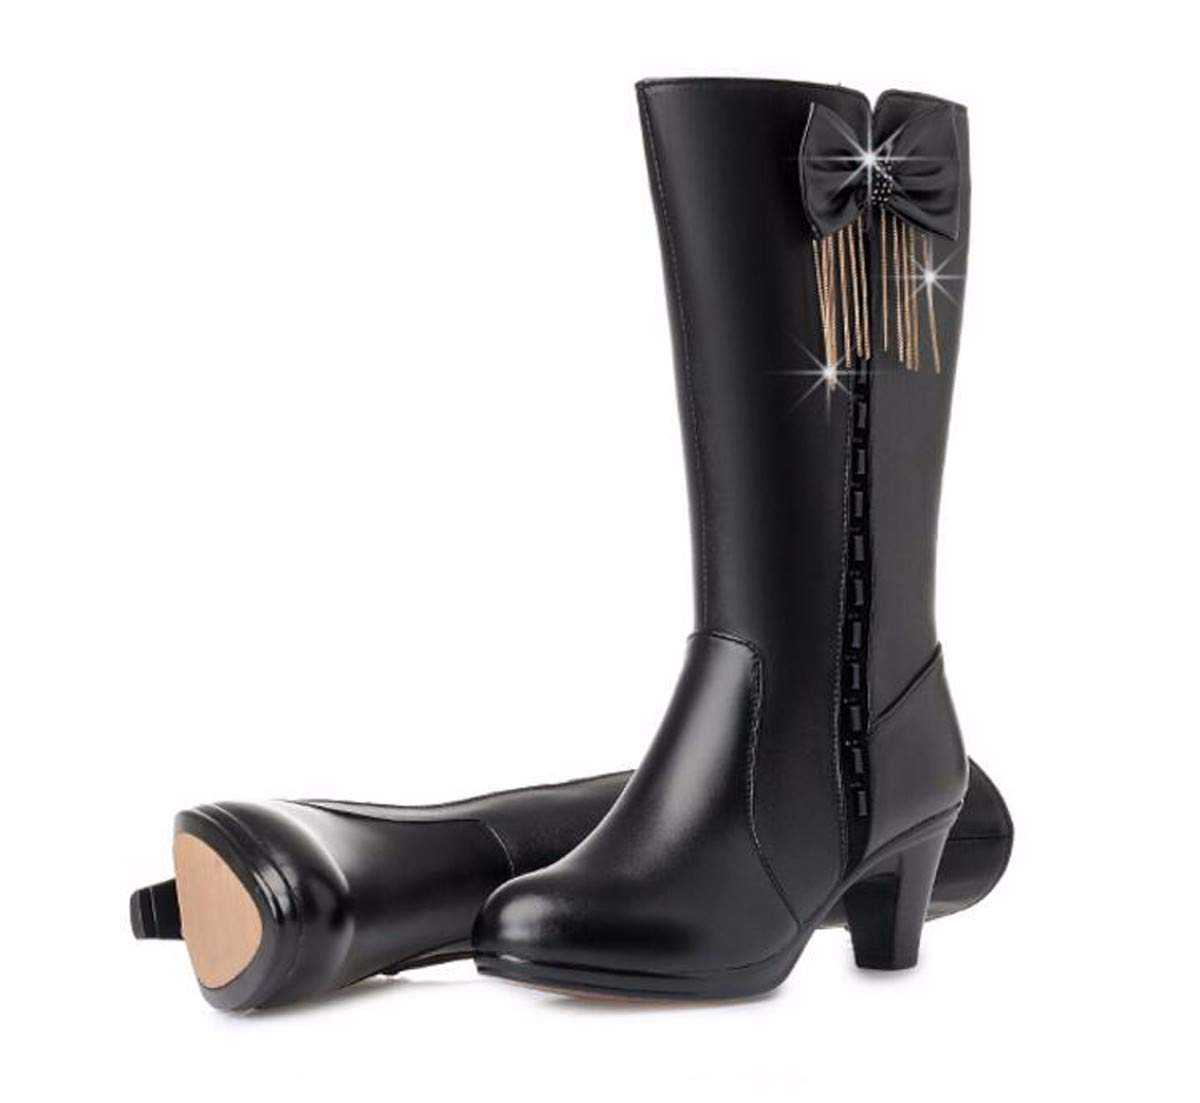 HBDLH Damenschuhe Mittlere U - Stiefel, Mama Baumwolle Schuhe, Mitte und Dicken Bogen, Winterschuhe, Damen - Stiefel, Warme Stiefel 6 cm.